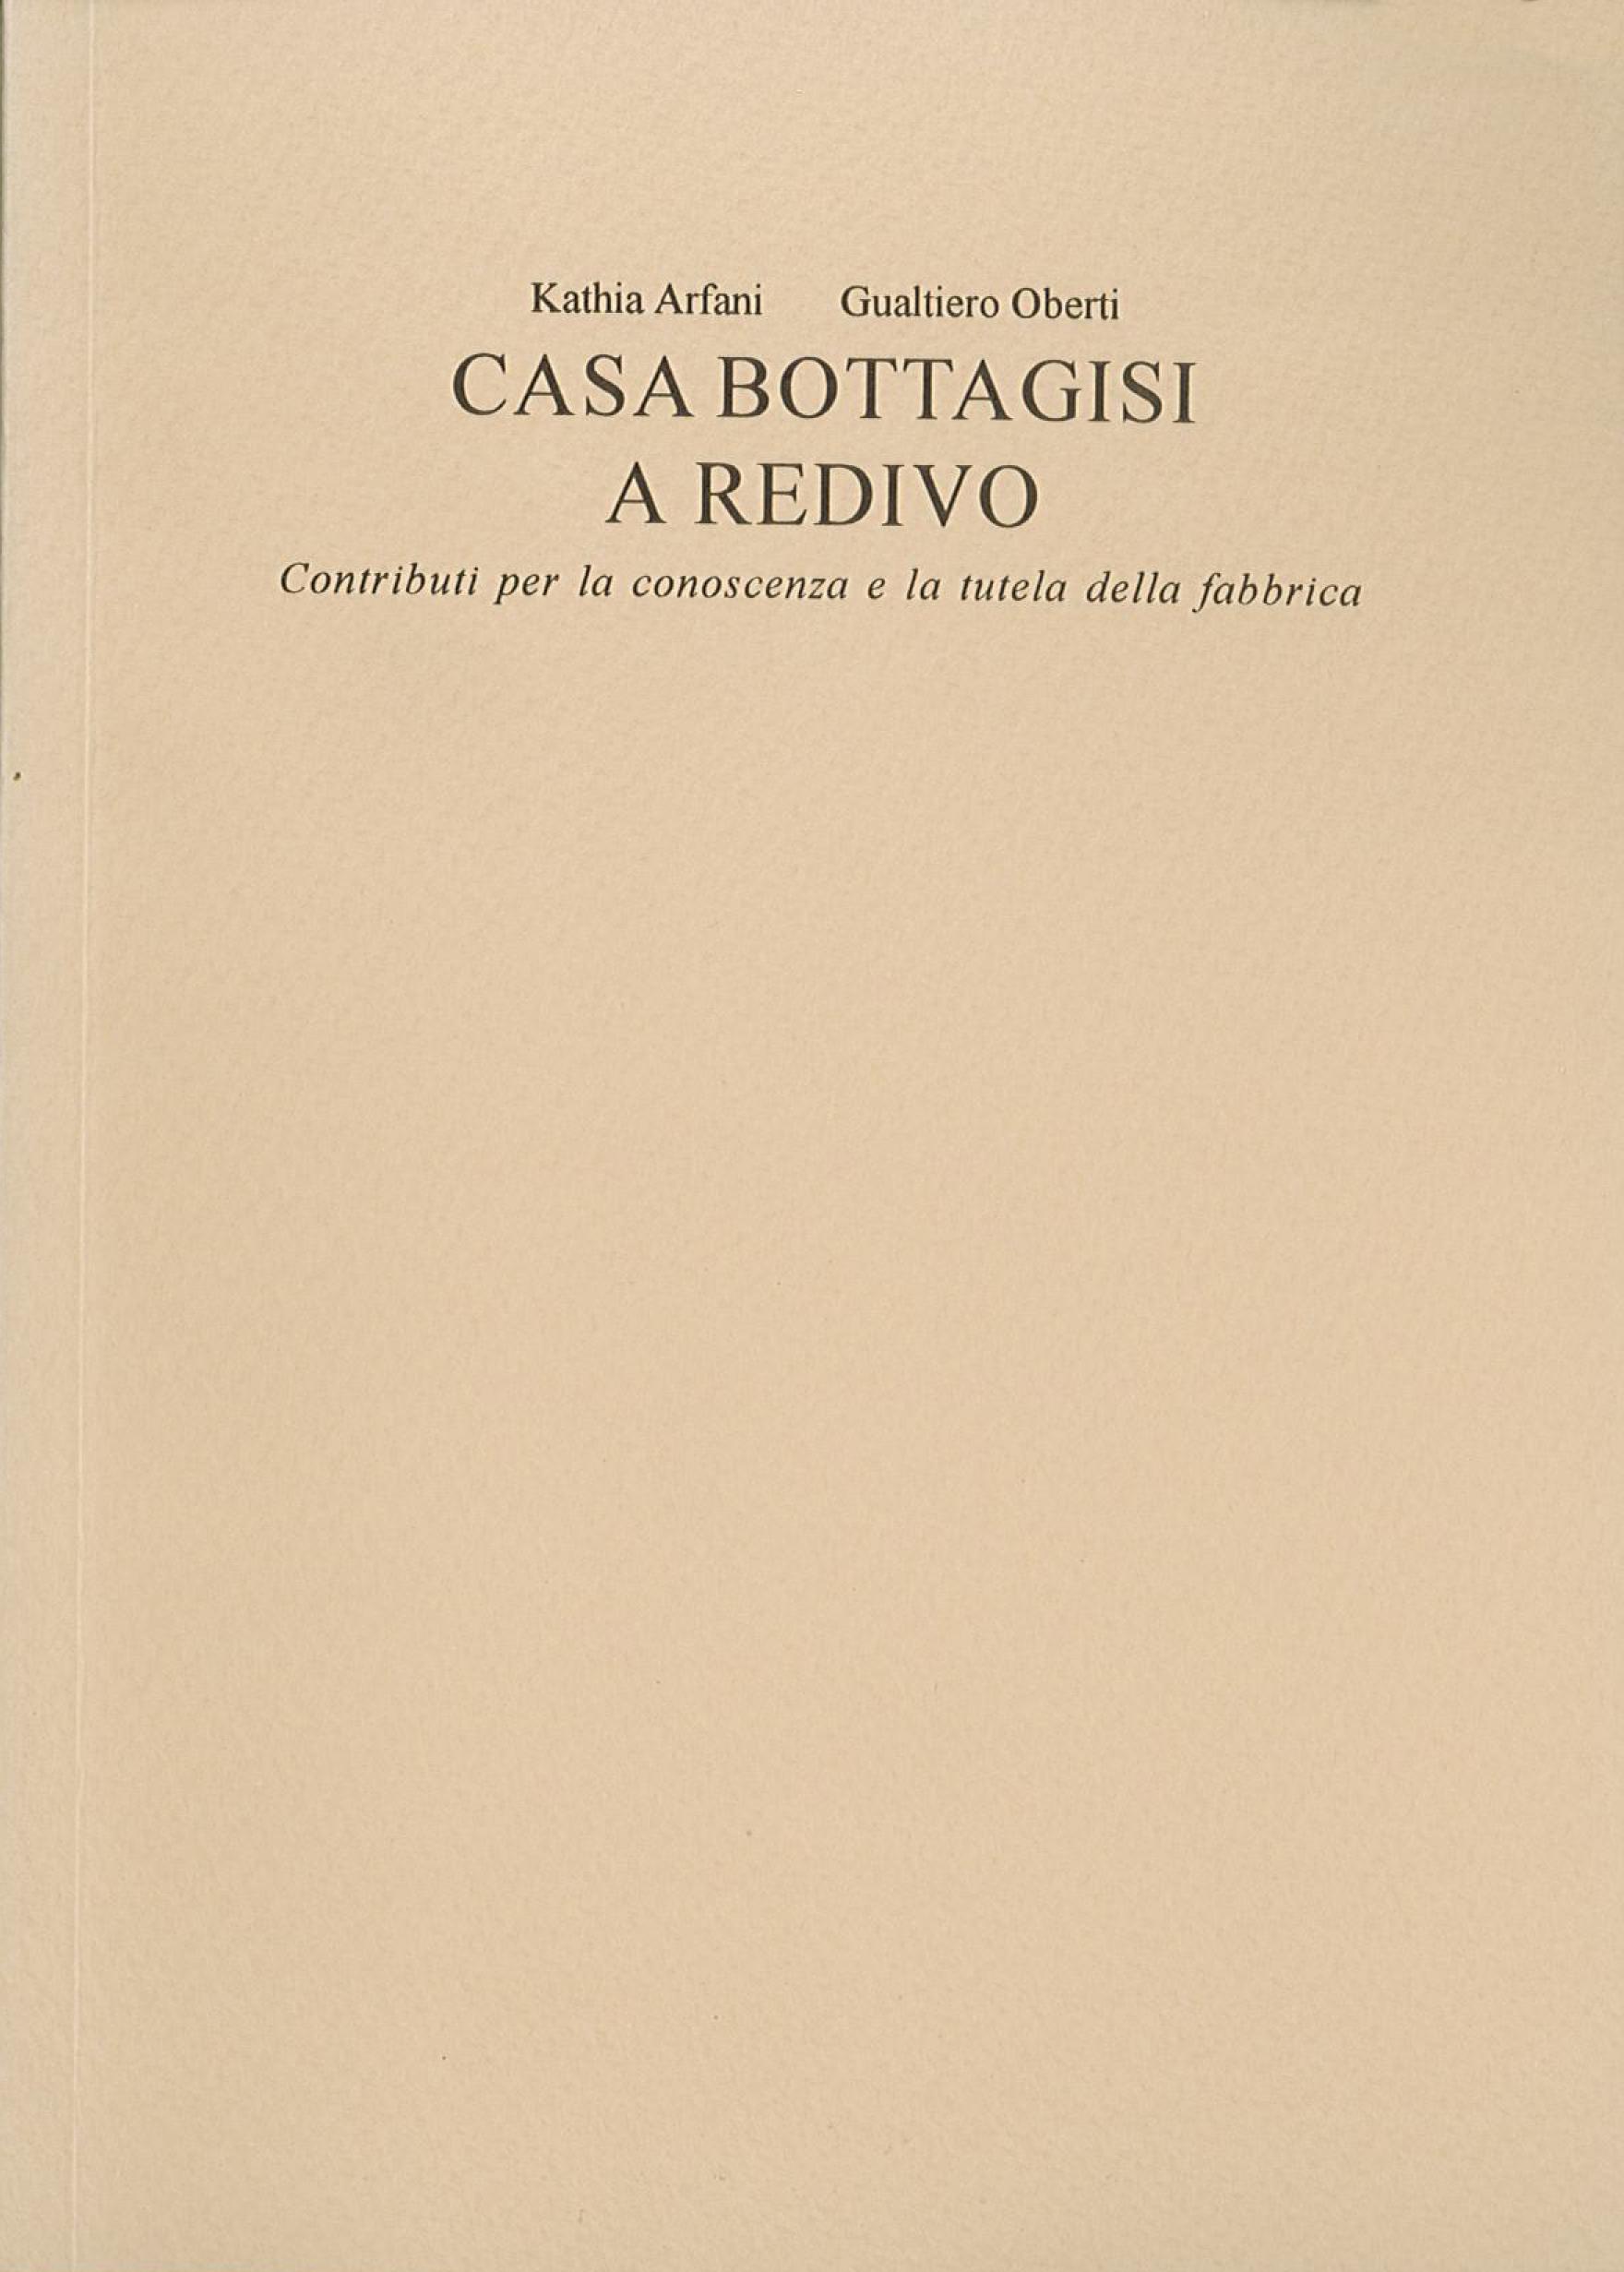 Pubblicazioni - Casa Bottagisi - oberti+oberti   architetti